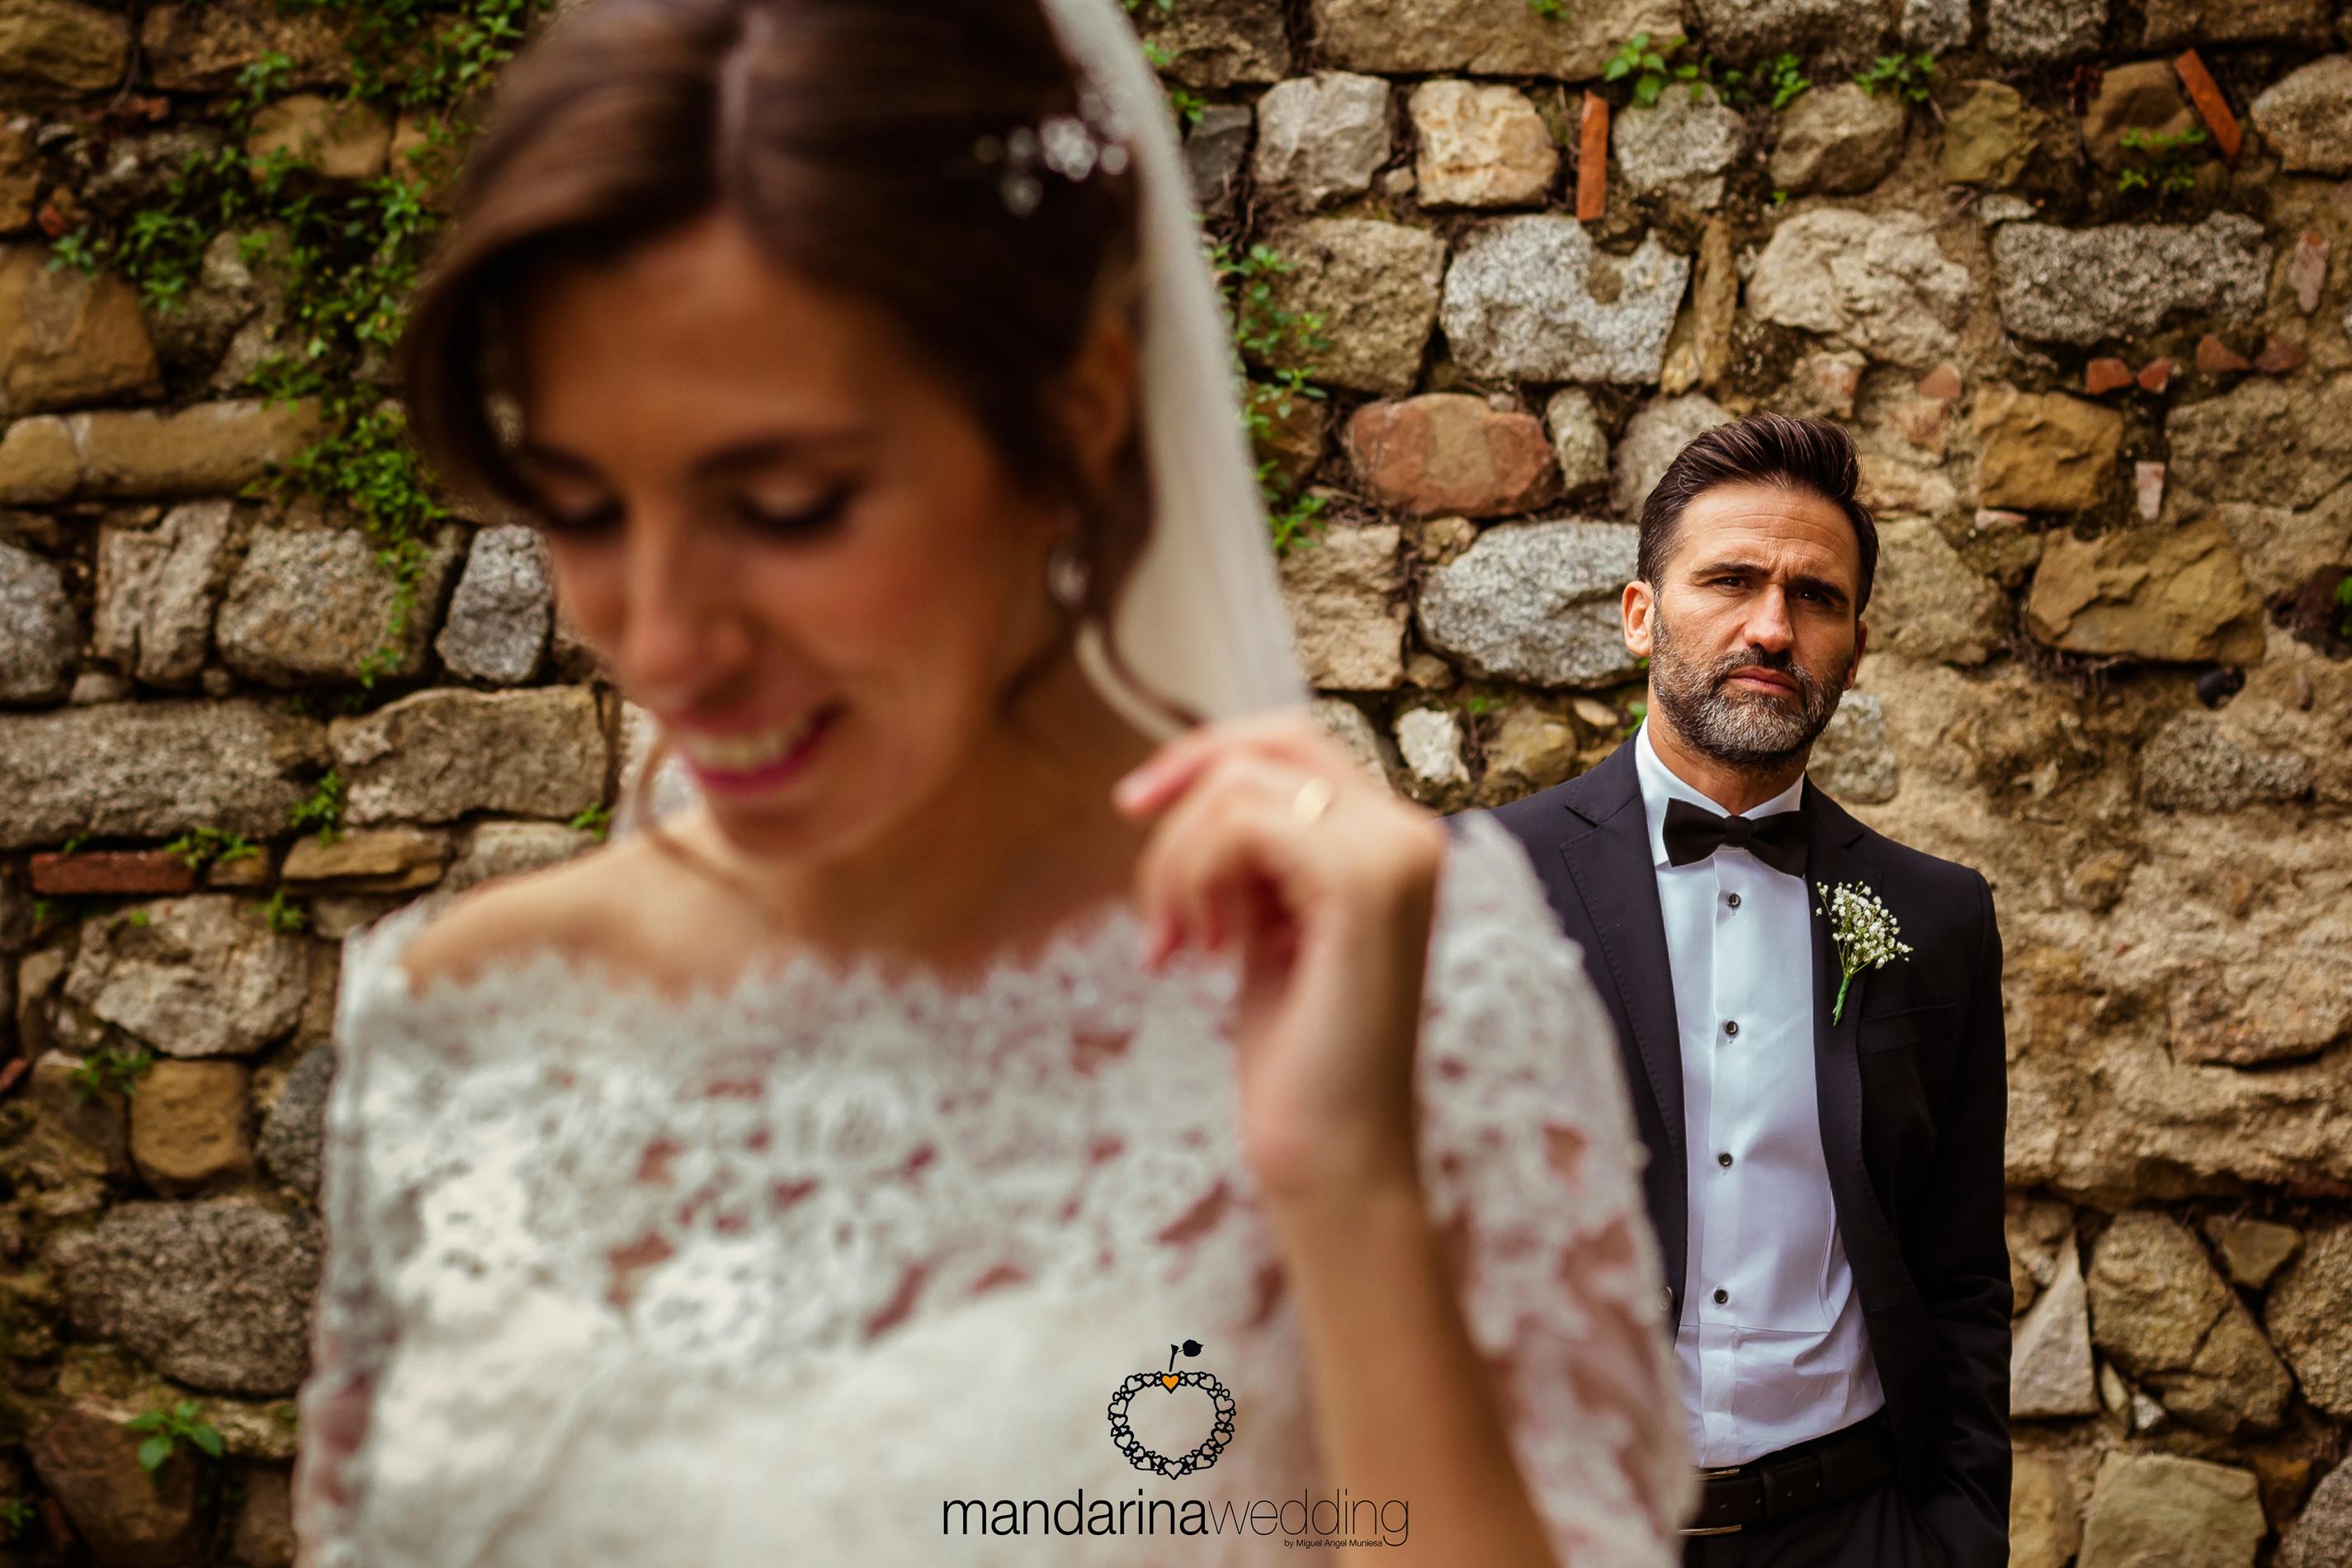 mandarina-wedding-fotografos-boda-zaragoza-bodas-fotografia-de-boda-fotografos-de-boda_06